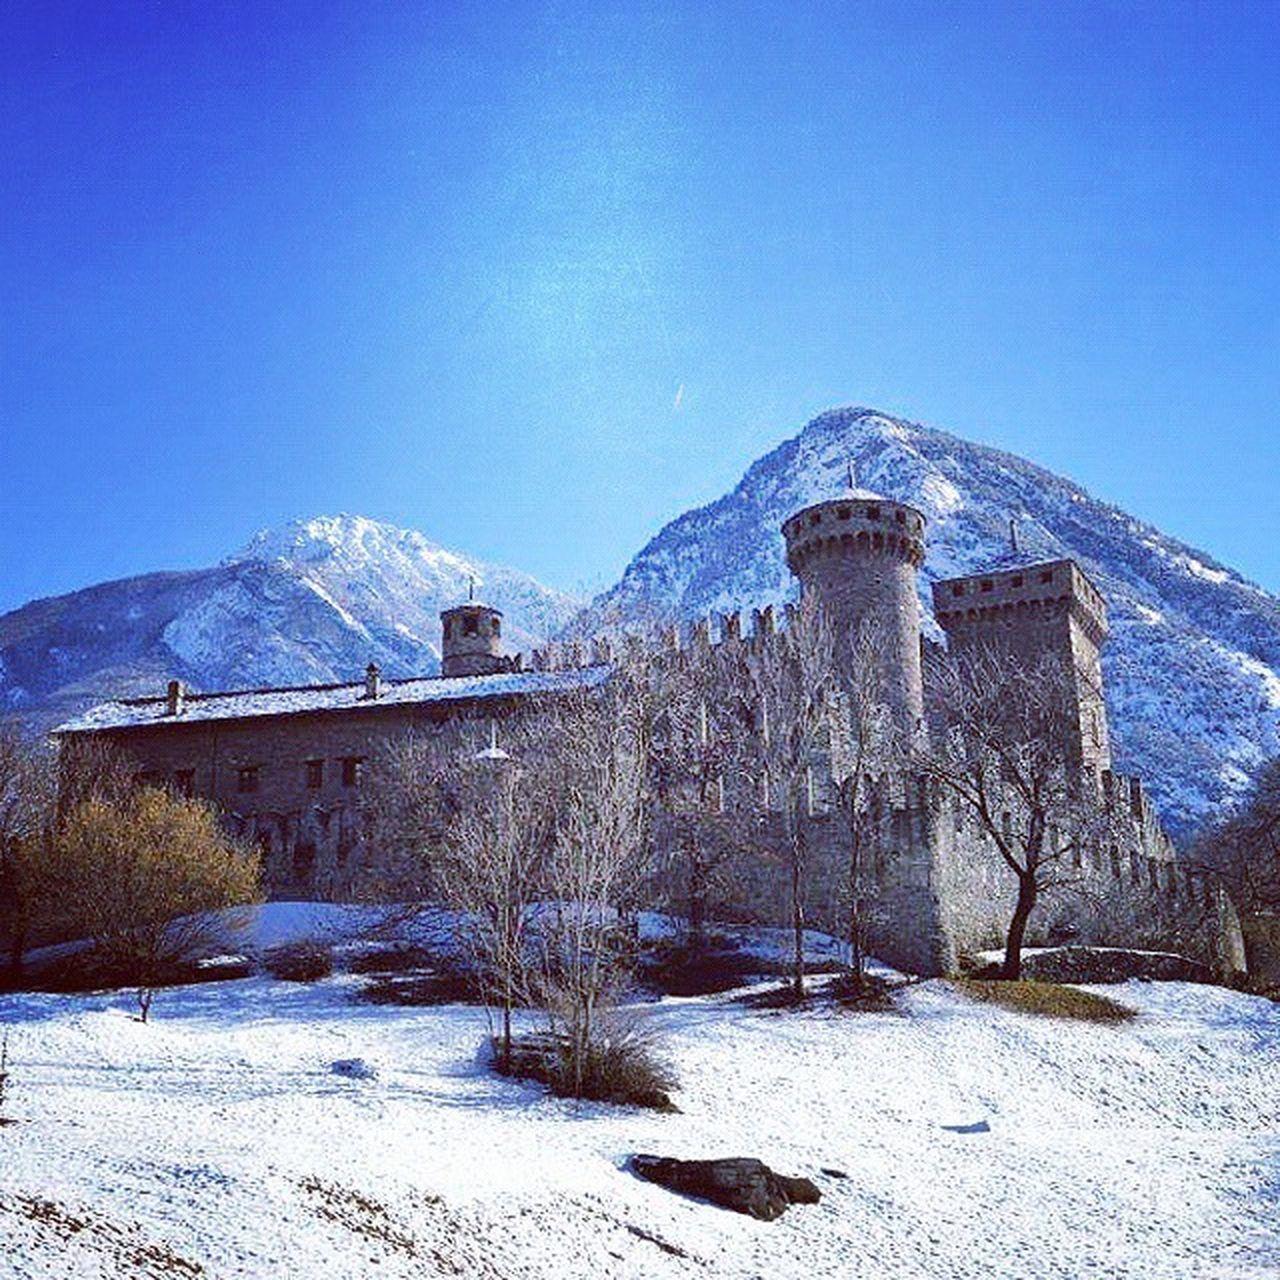 Castello di Fenis ammantato di Bianco Castle Vda Valle d' Aosta Valledaosta Ig_vda